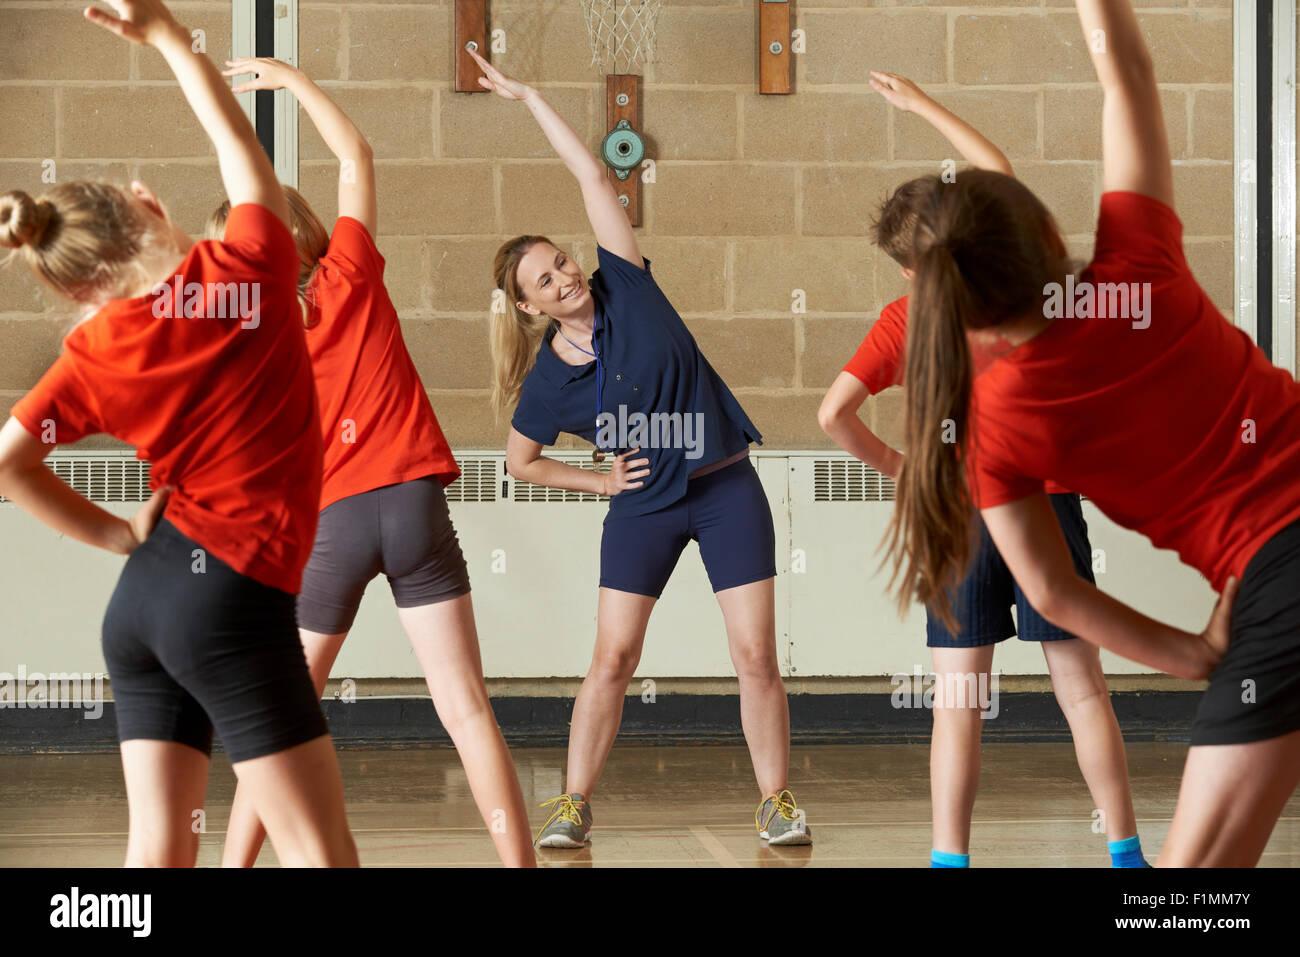 Profesor tomando clase de ejercicios en el gimnasio escolar Imagen De Stock